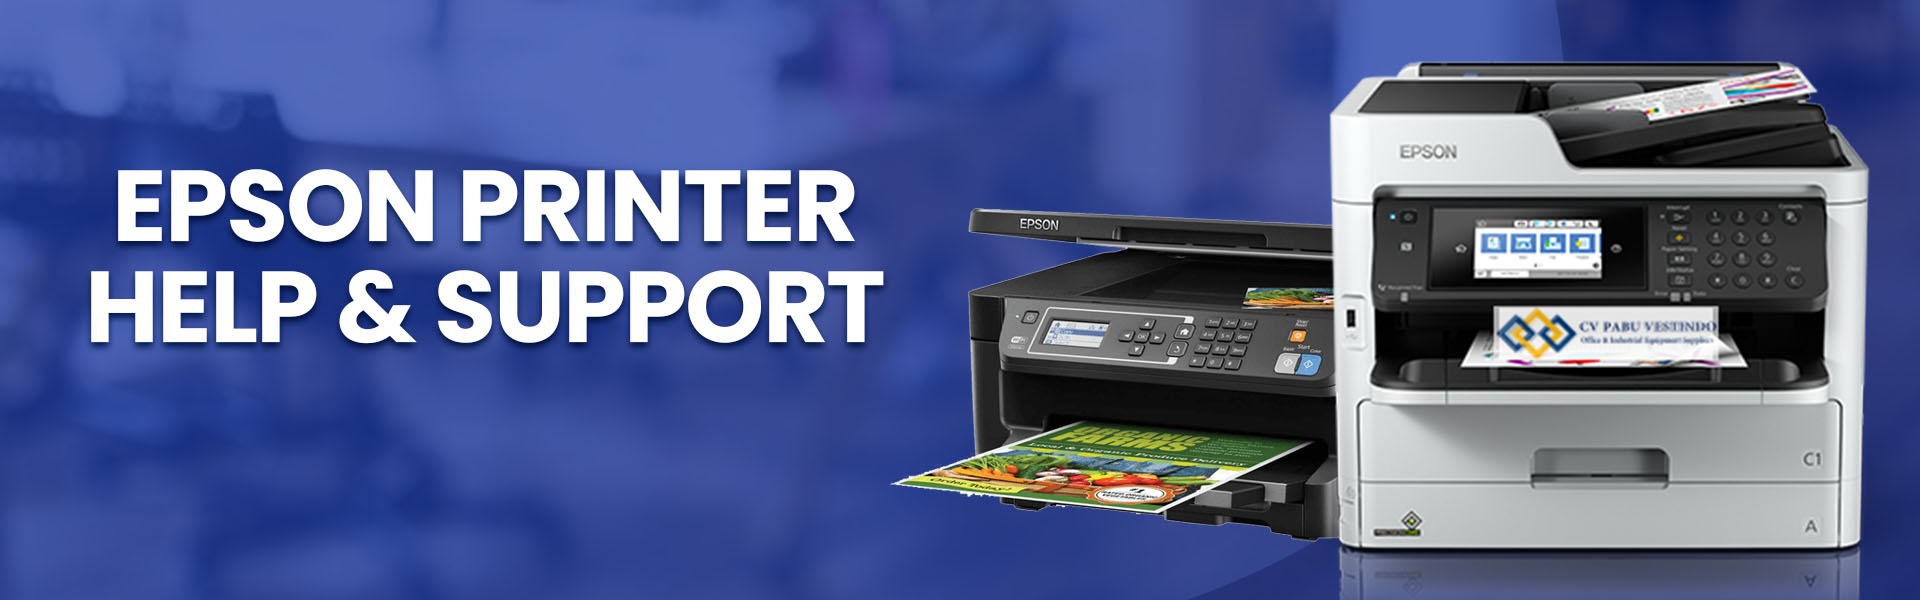 epson printer help & support